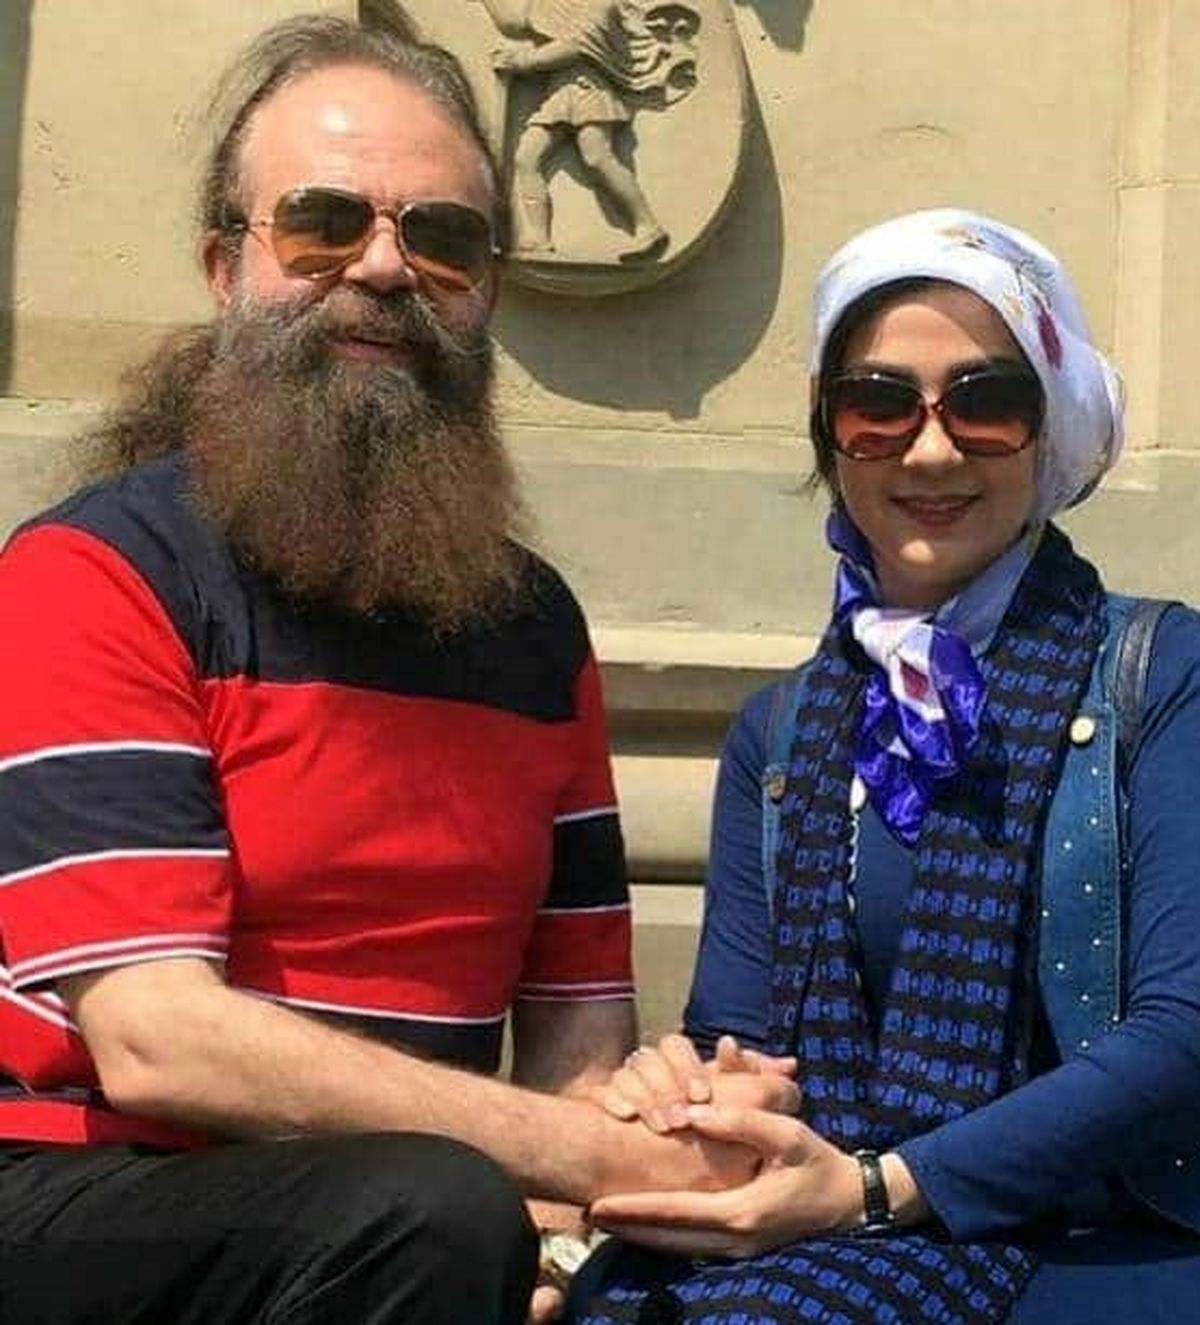 سارا صوفیانی از عاشقانه ها تا مبارزه هایش گفت / تصاویر